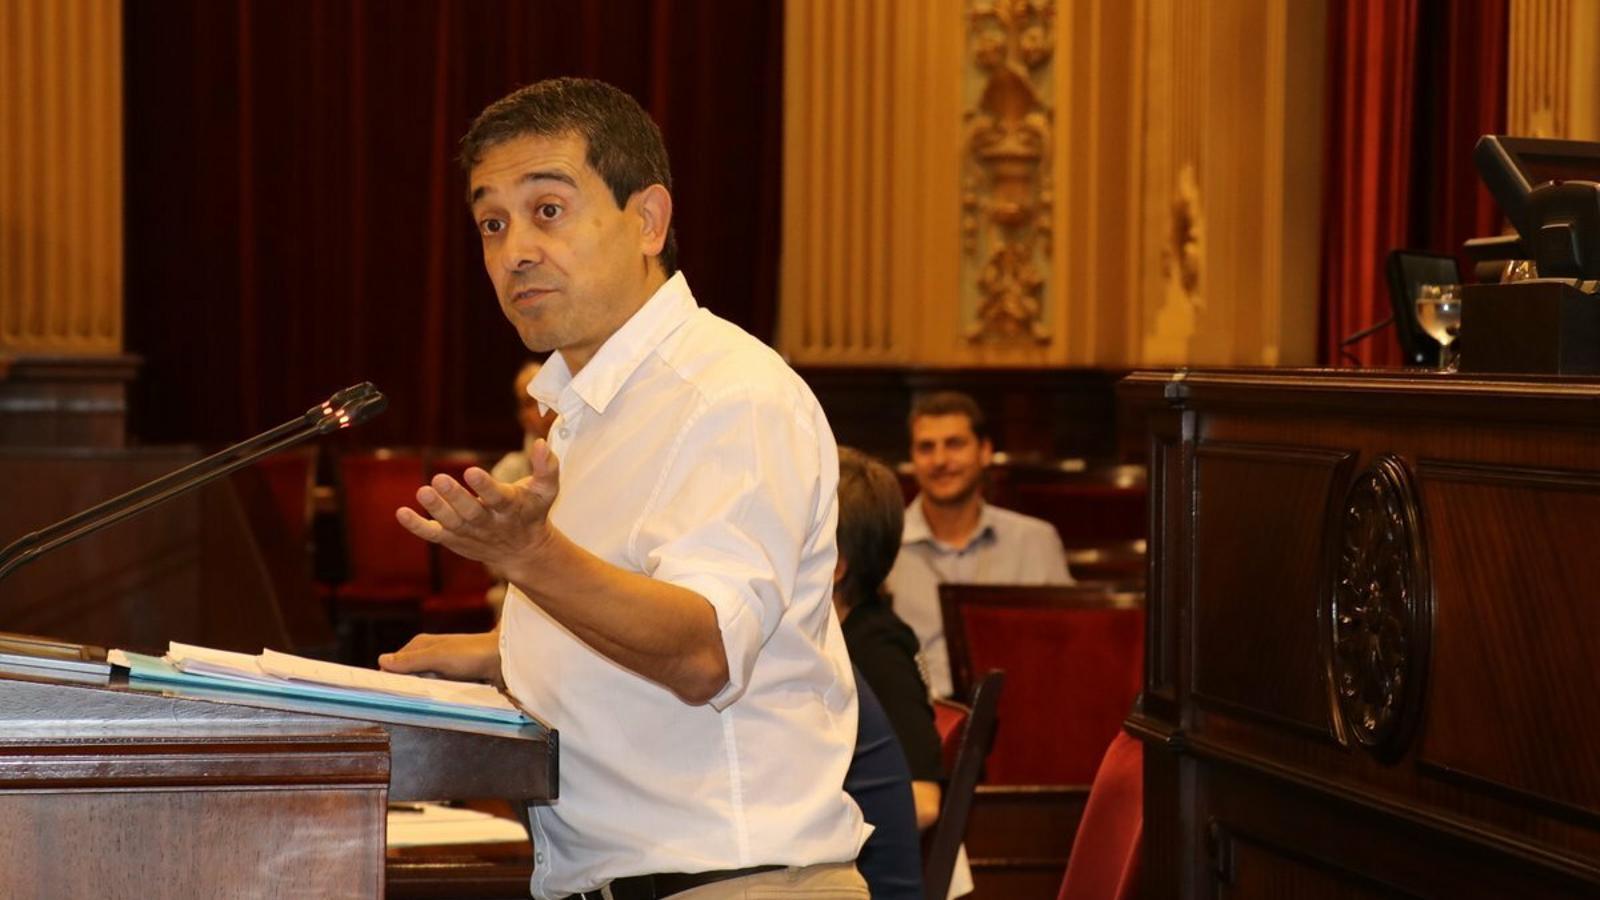 Nel Martí reivindica el paper de la Llei de Consultes Populars i considera que s'ha de defensar des del Govern Balear.